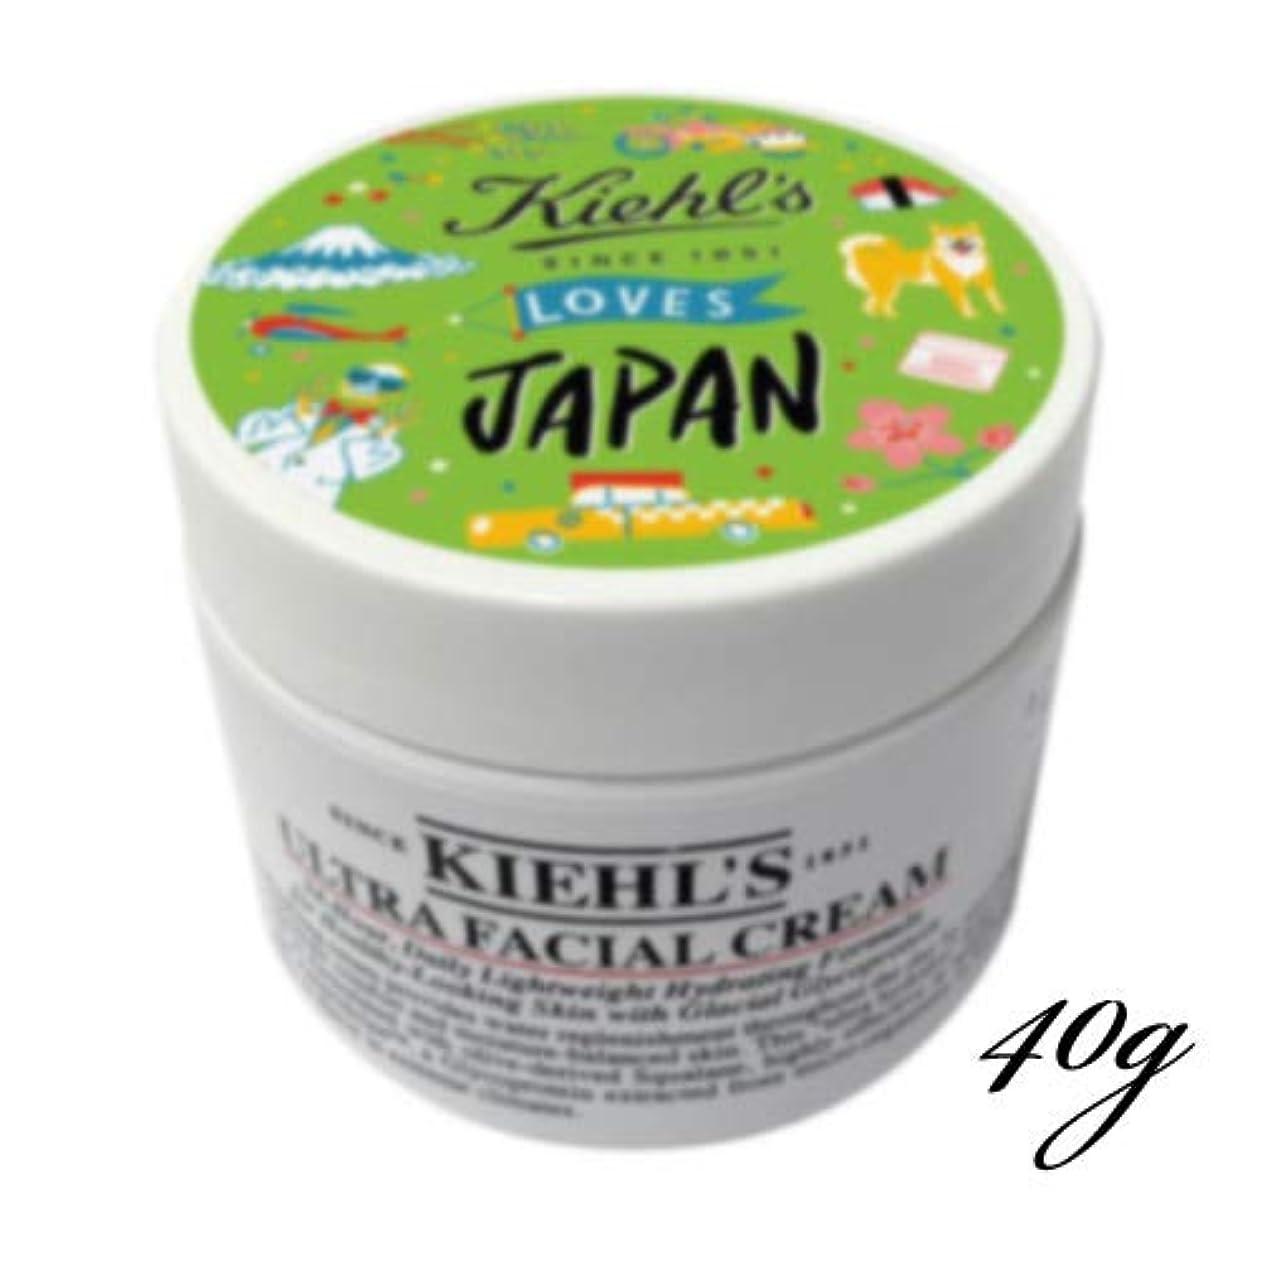 原稿速報何かKiehl's(キールズ) キールズ クリーム UFC (Kiehl's loves JAPAN限定 エディション) 49g